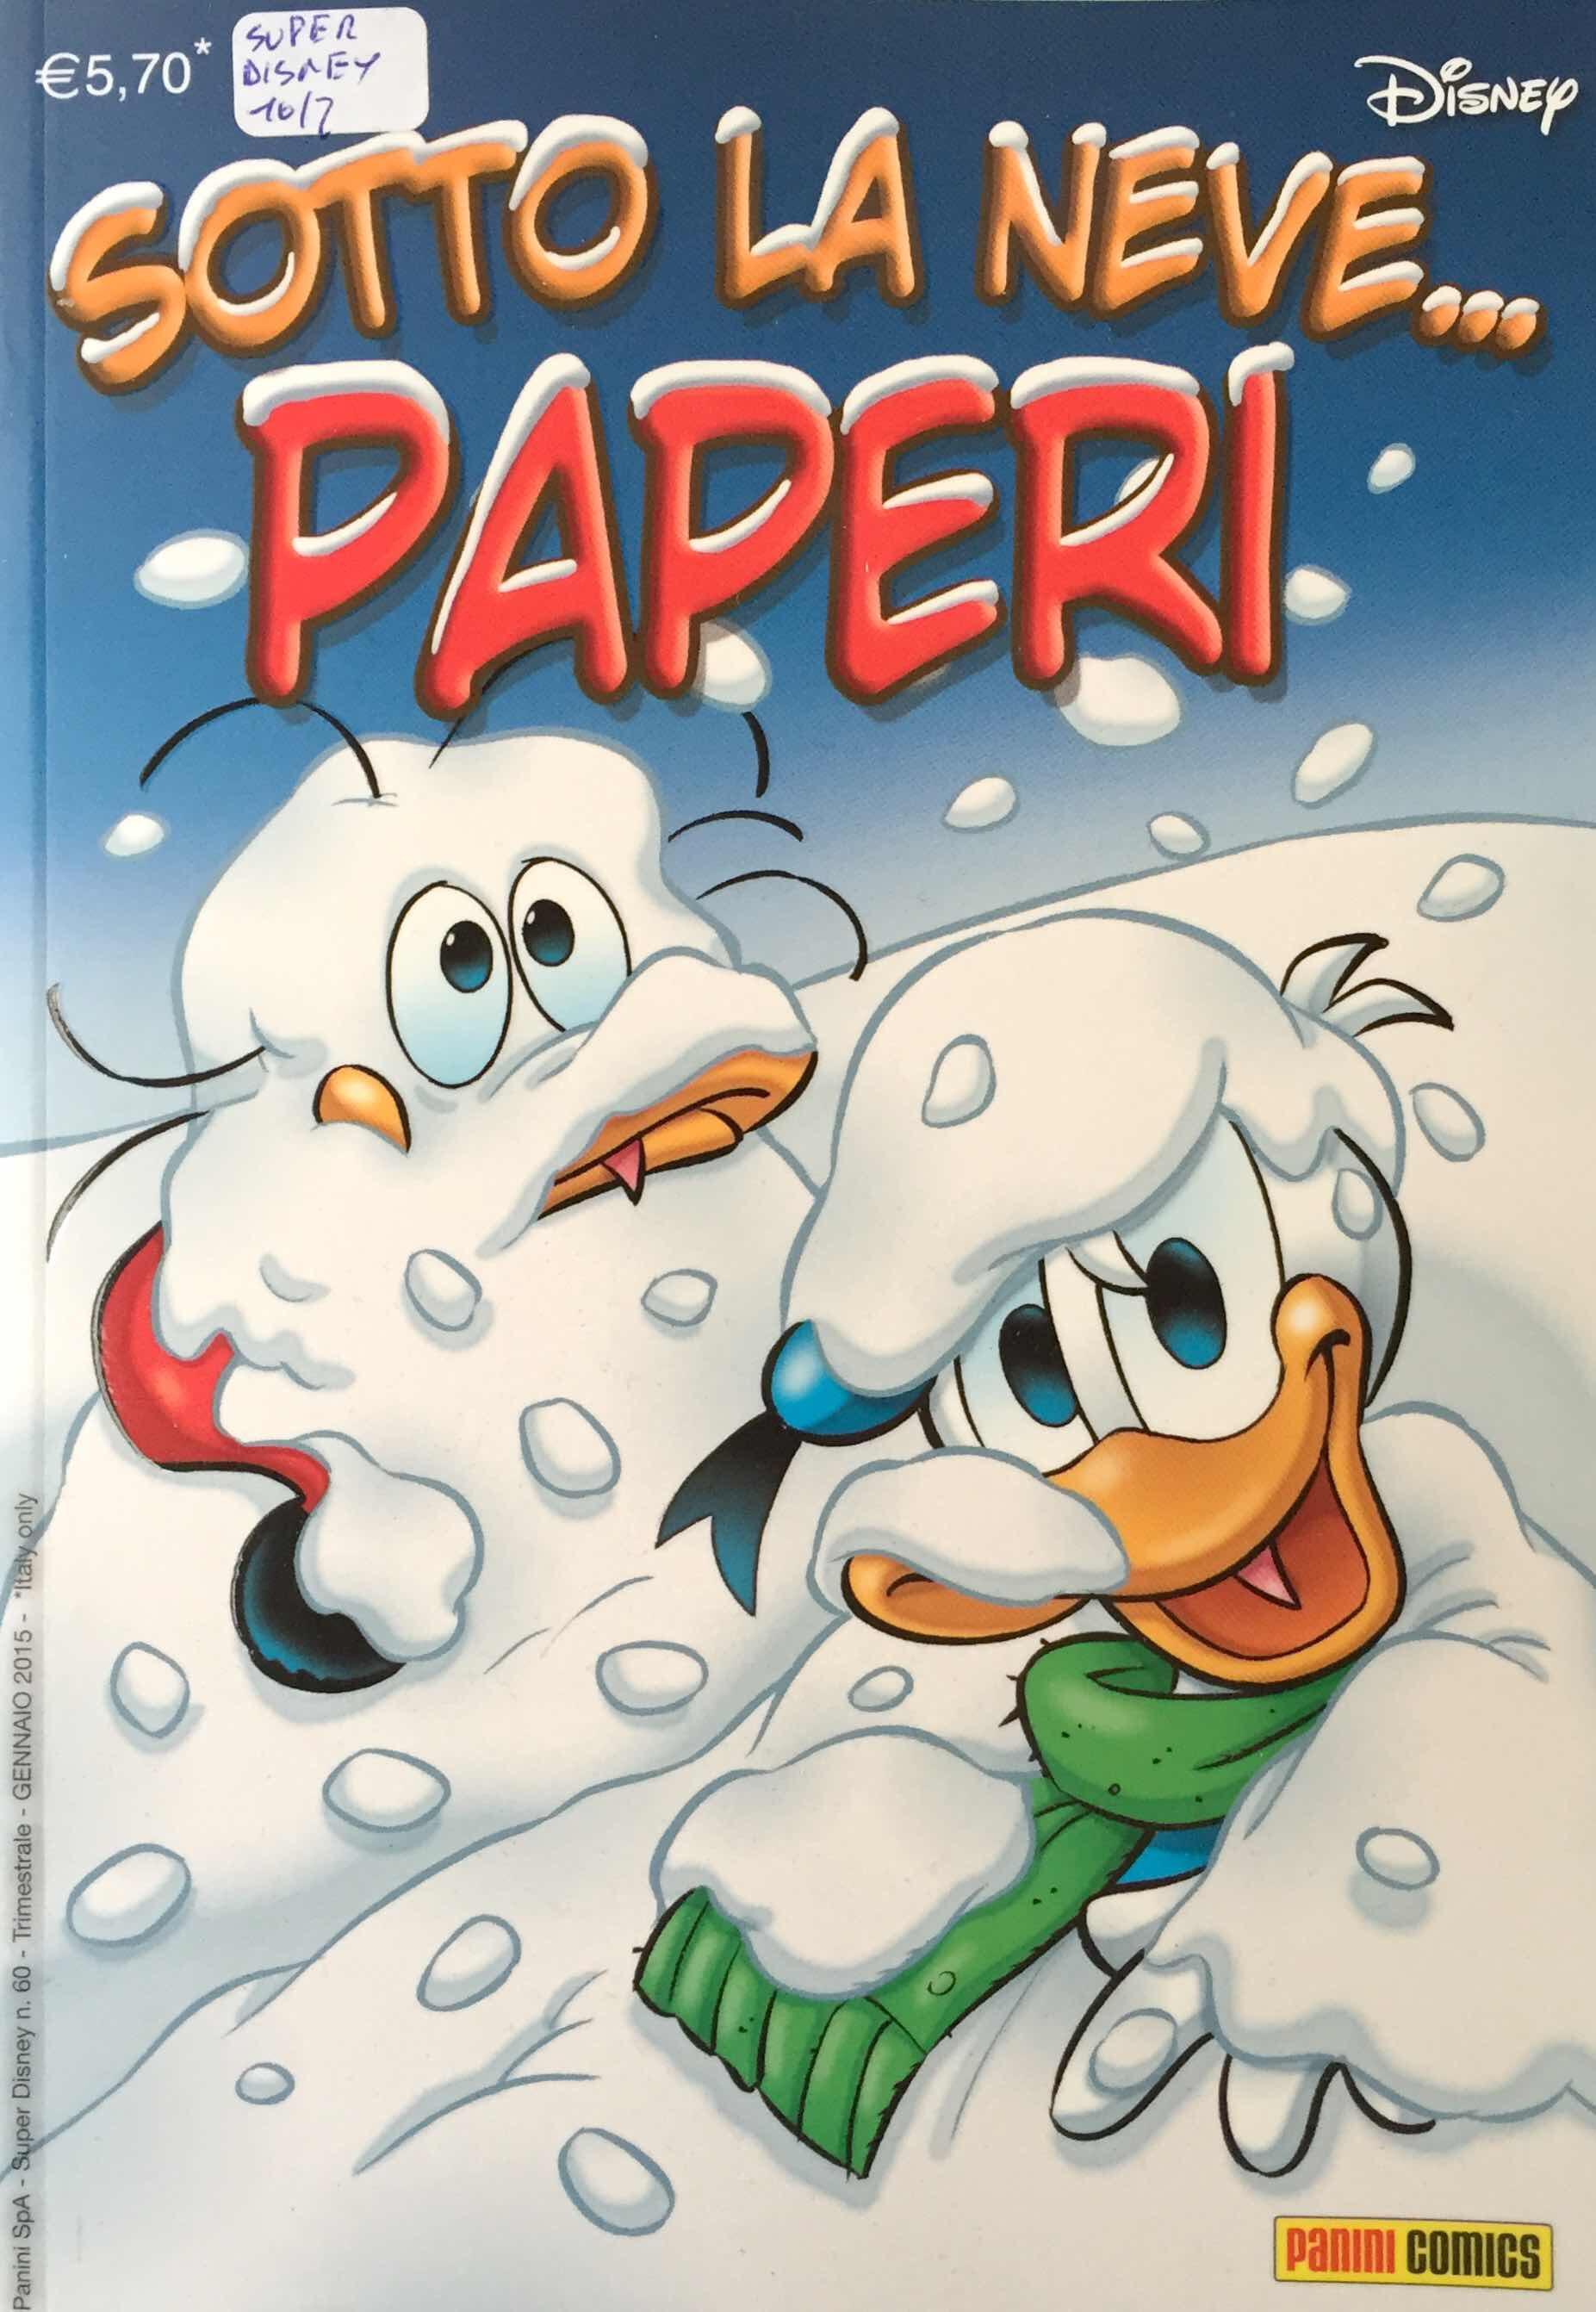 Cover Sotto la Neve... Paperi